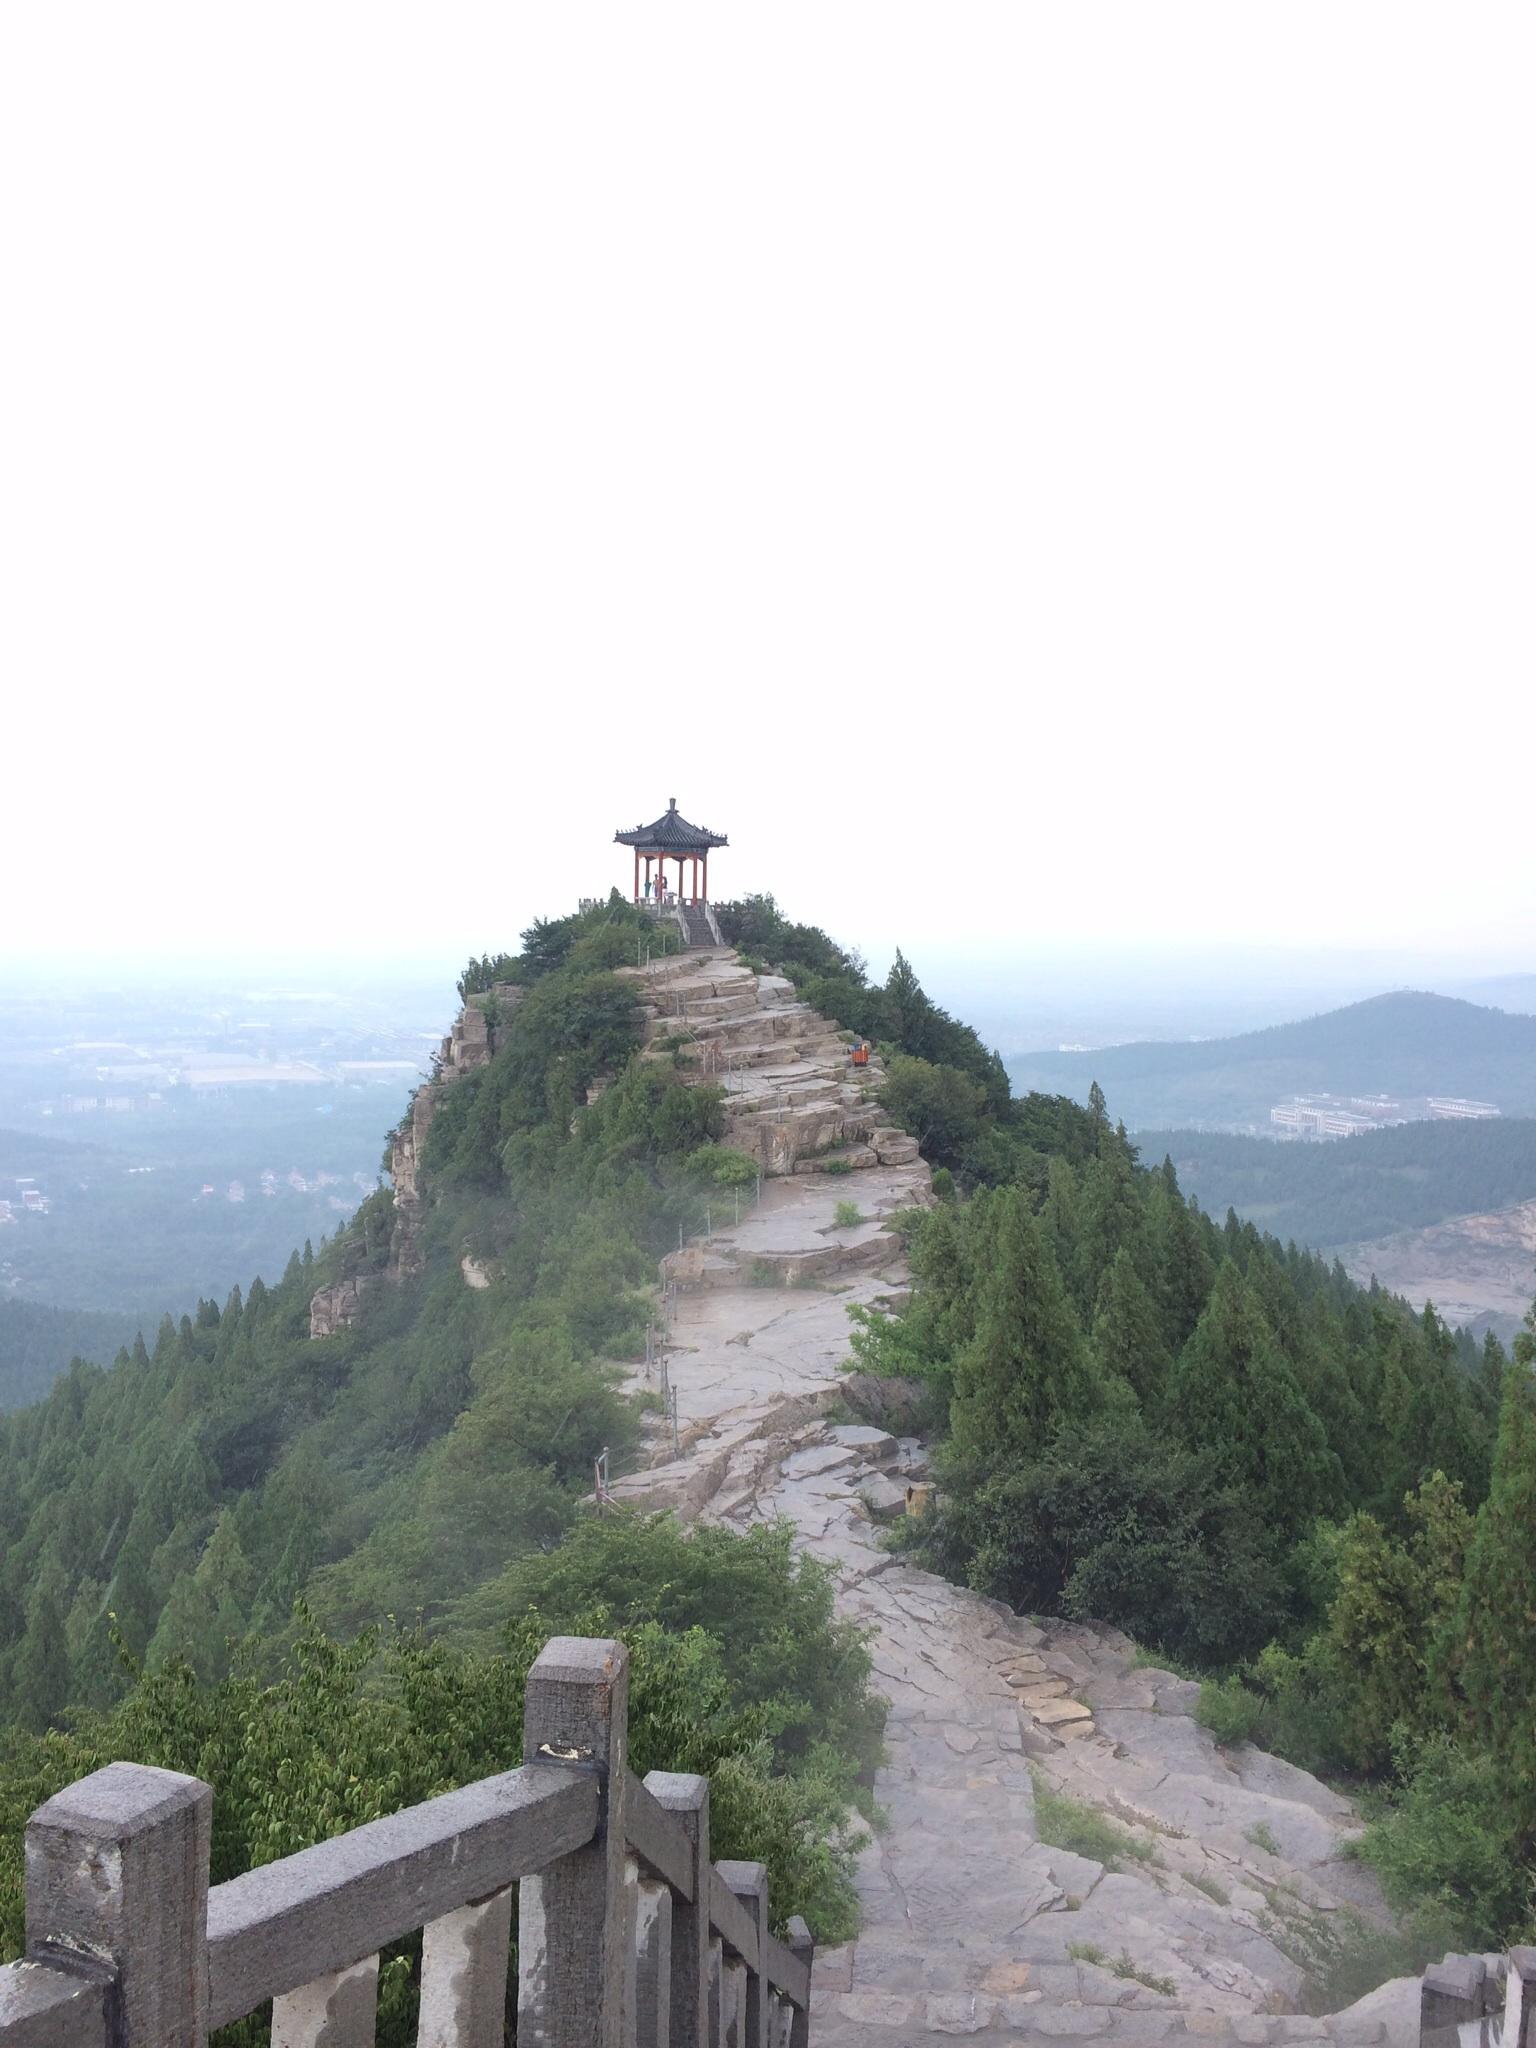 潍坊云门山风景区_【携程攻略】青州云门山风景区景点,景点小巧而精致,偌大的 ...